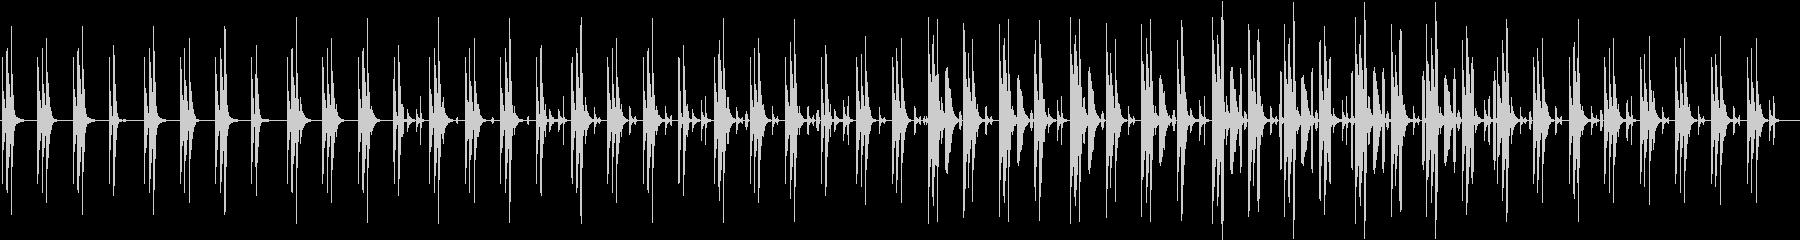 同じフレーズが繰り返される可愛らしい曲の未再生の波形